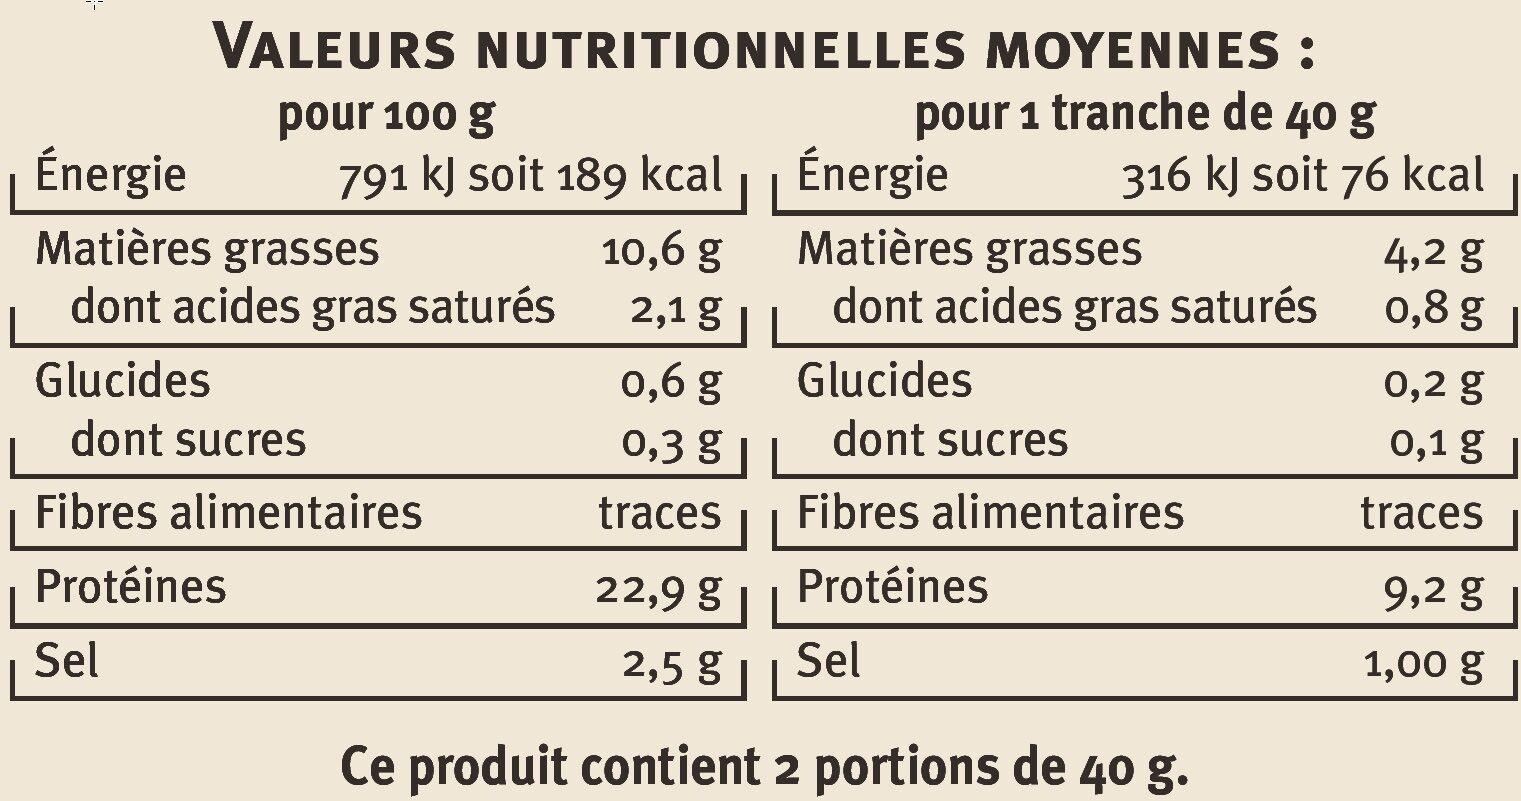 Saumon fumé de Norvège Label Rouge - Informations nutritionnelles - fr